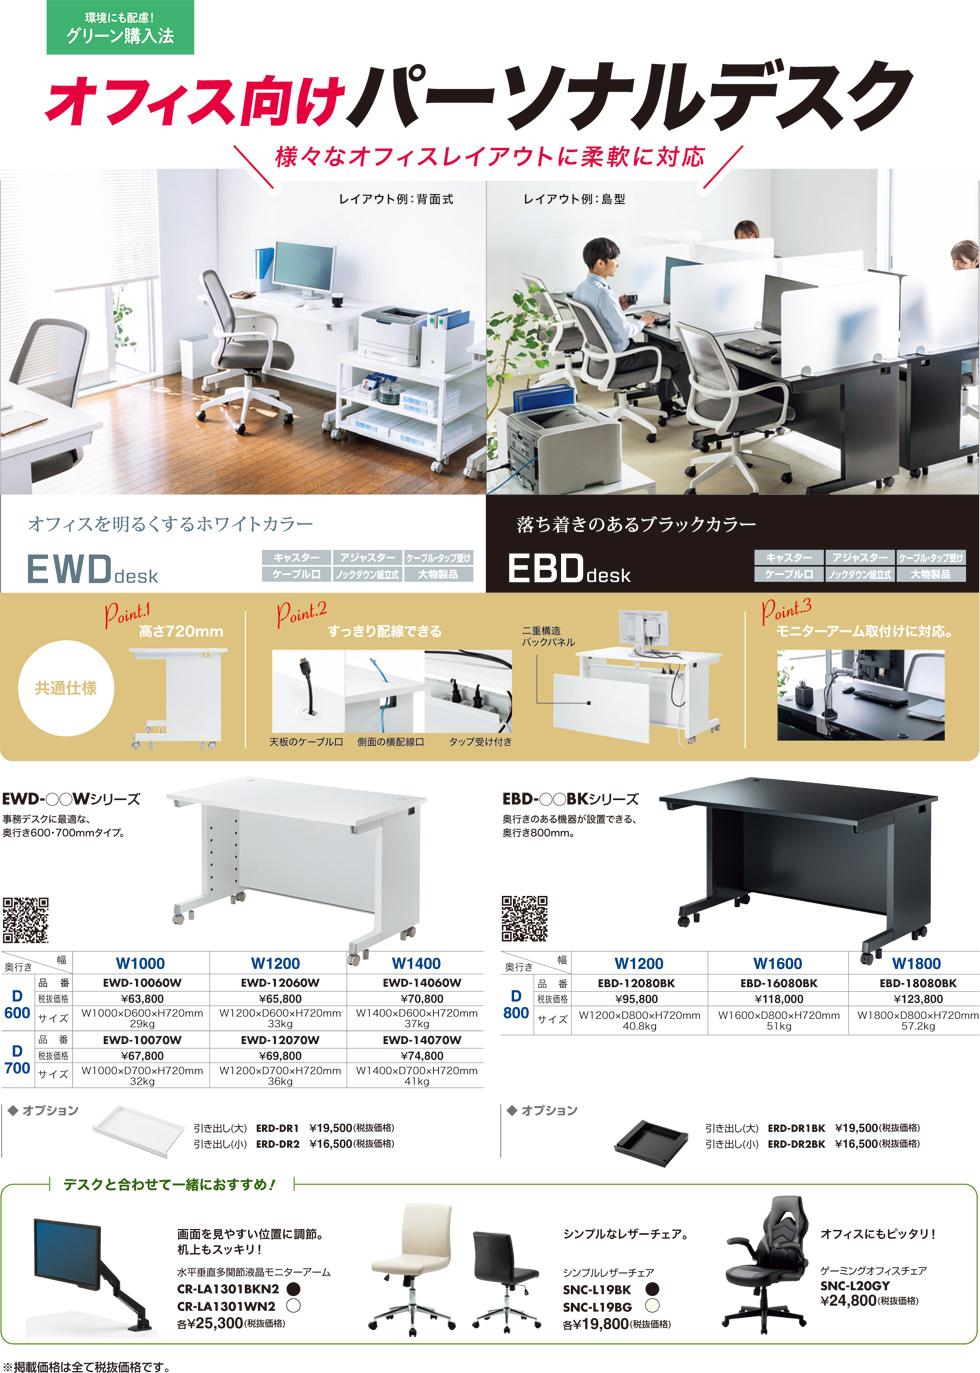 様々なオフィスレイアウトに柔軟に対応!オフィス向けパーソナルデスクのご案内